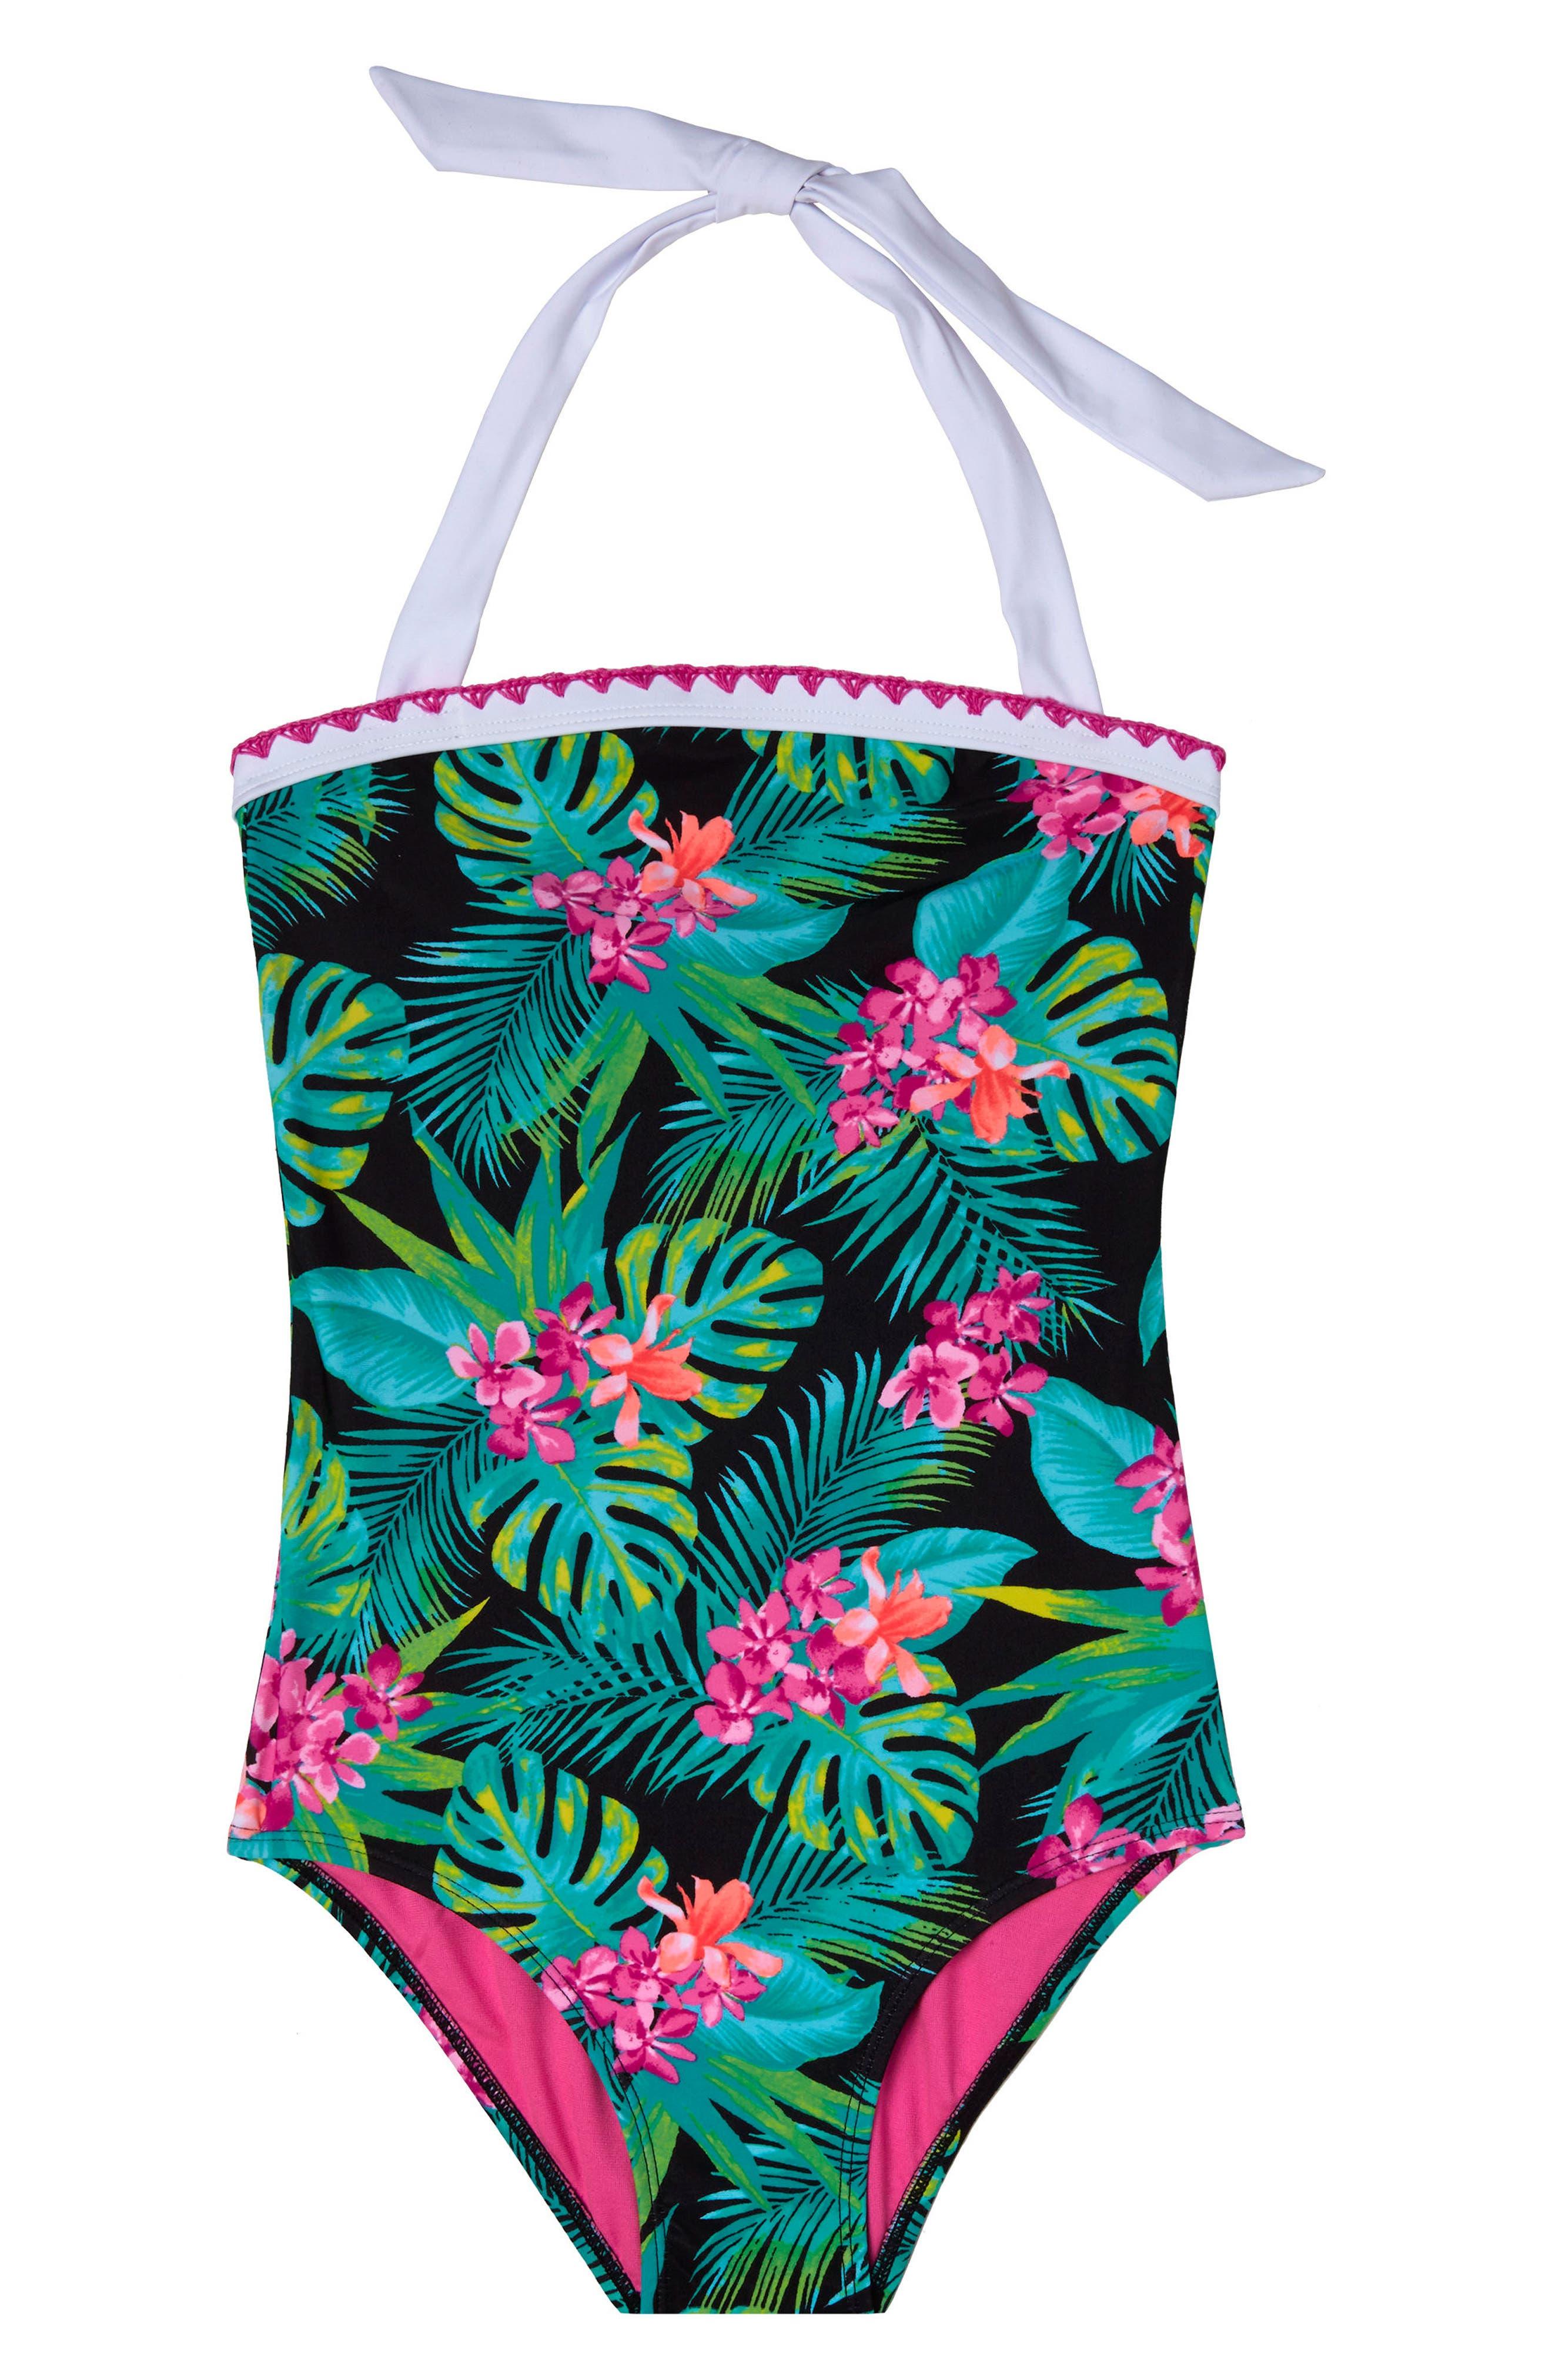 Tropical Escape One-Piece Swimsuit,                             Main thumbnail 1, color,                             Black